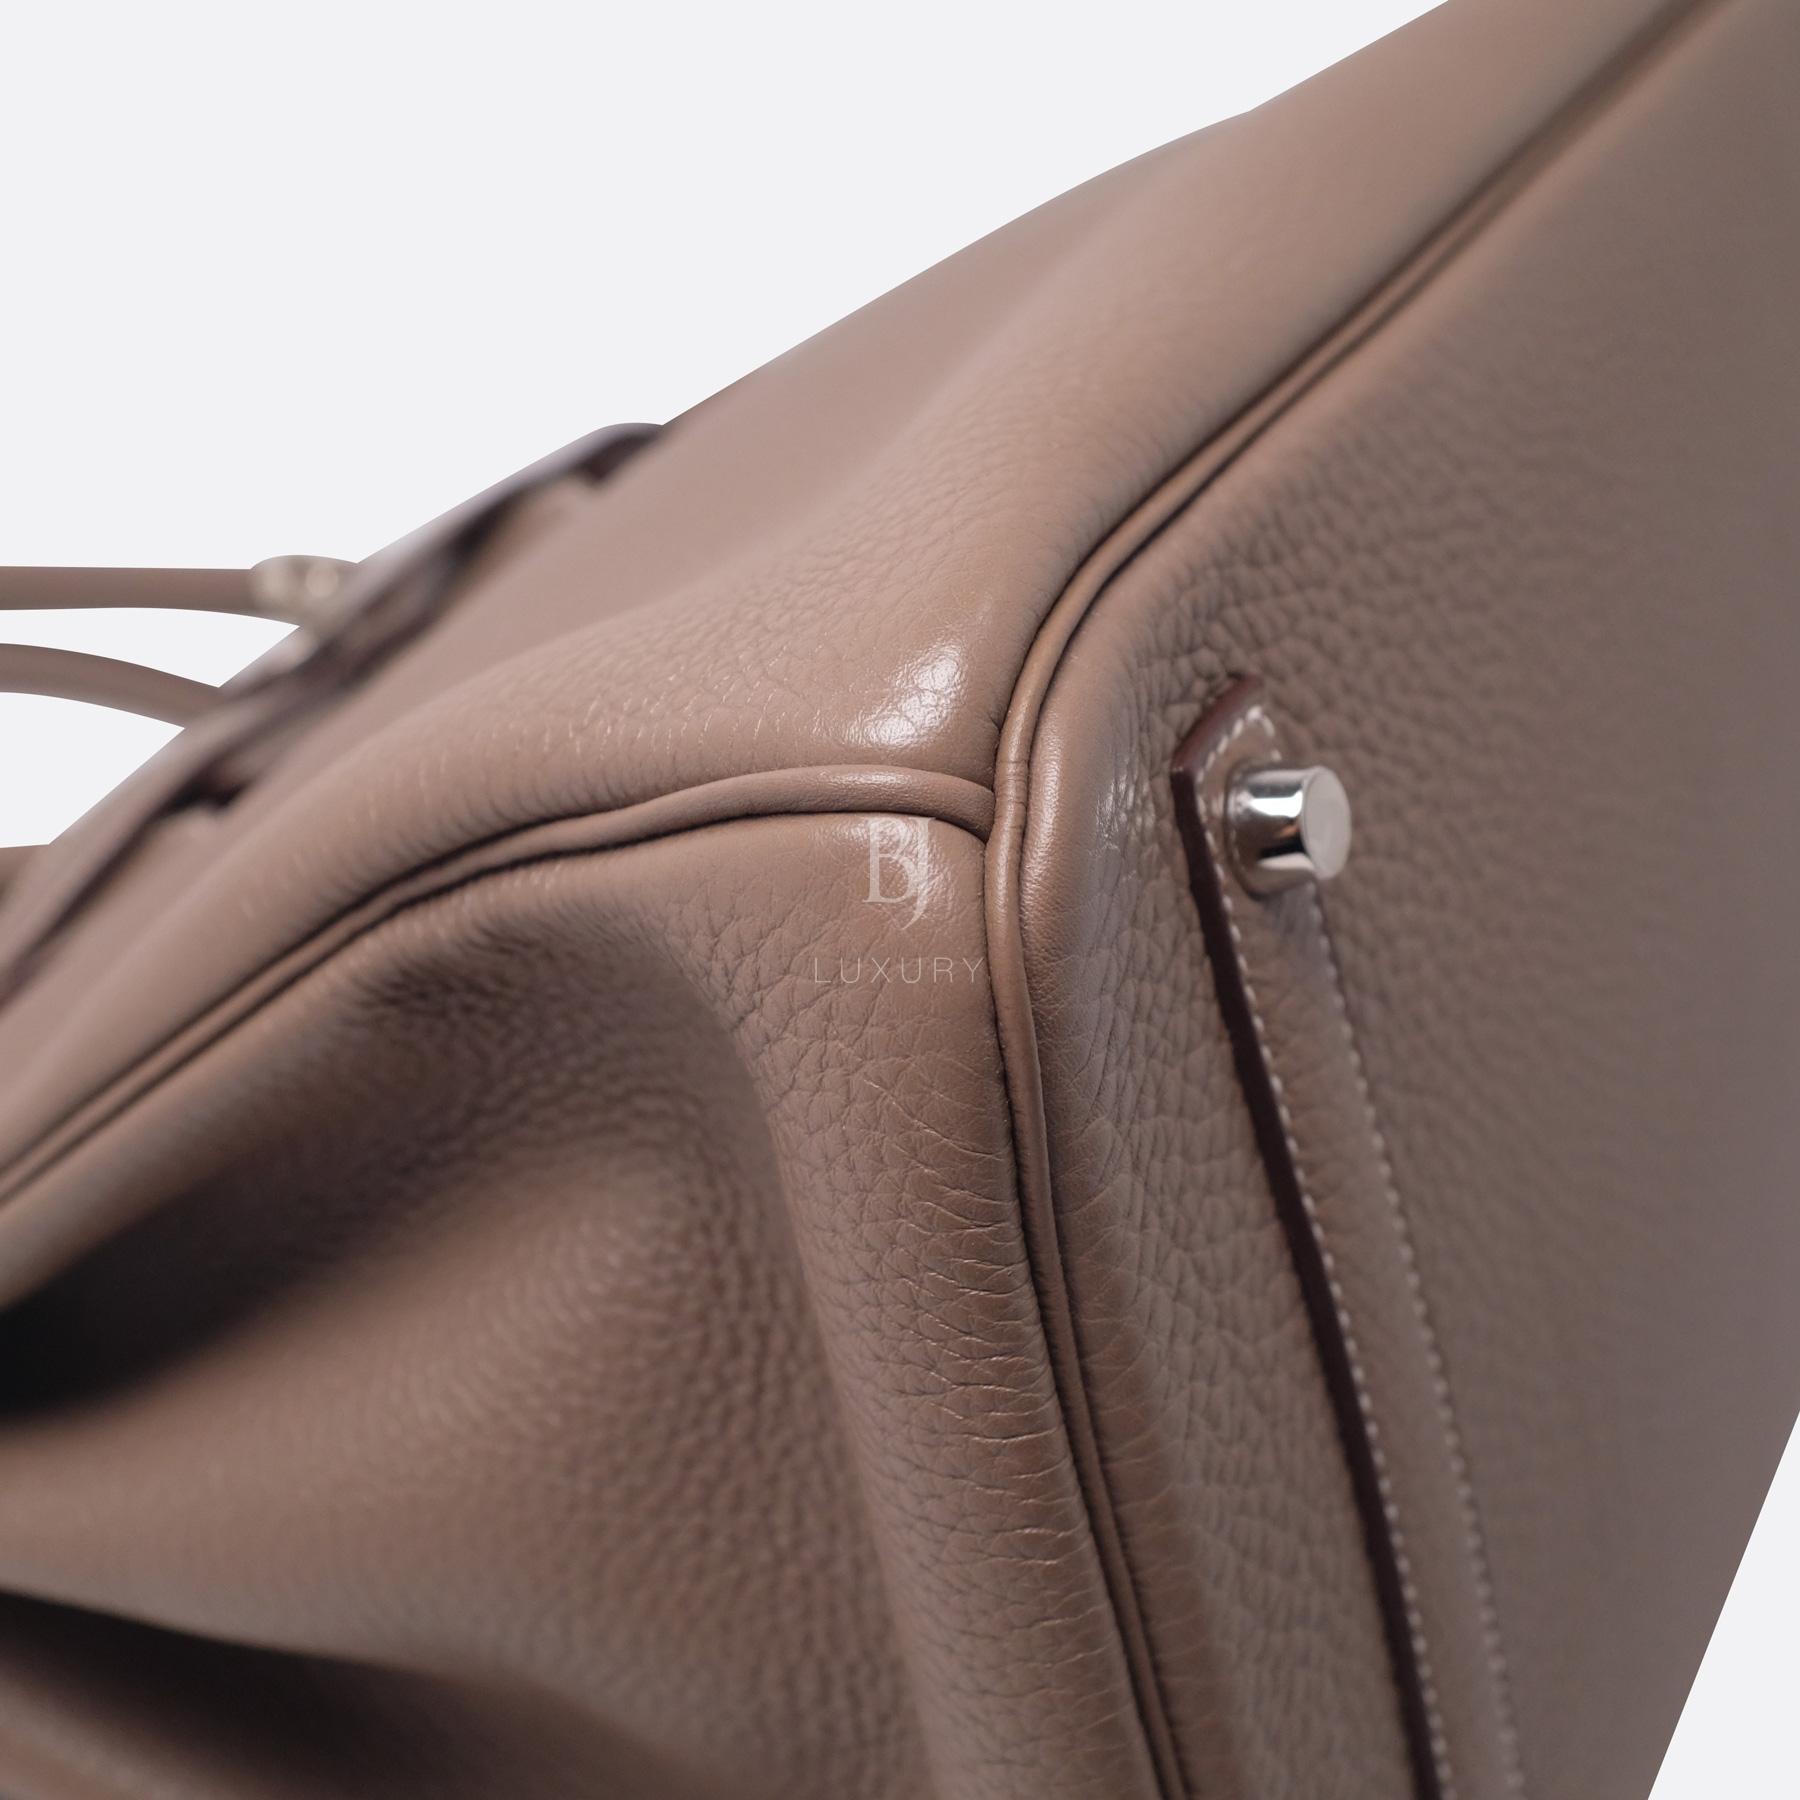 Hemes Birkin 35 Etoupe Palladium Togo BJ Luxury 7.jpg